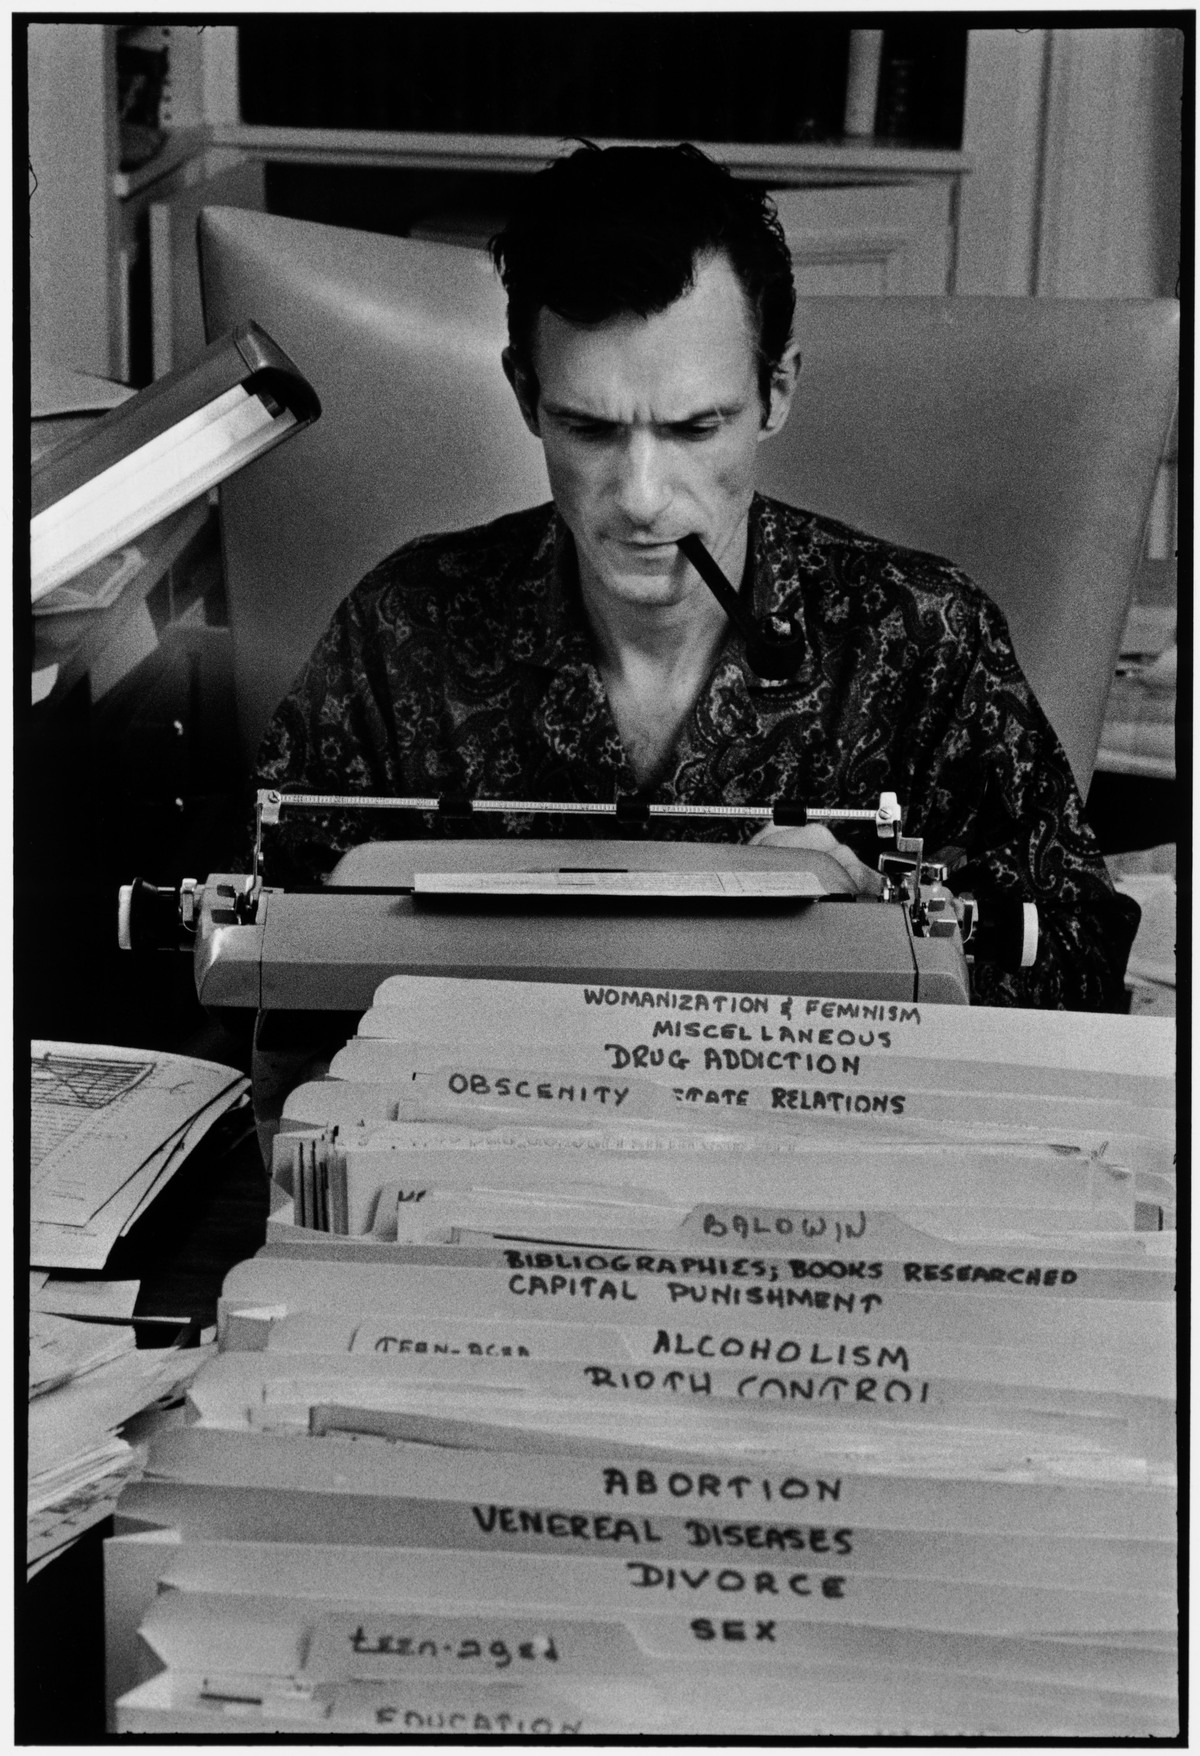 Hugh Hefner at work. Image courtesy Elmhurst Art Museum.